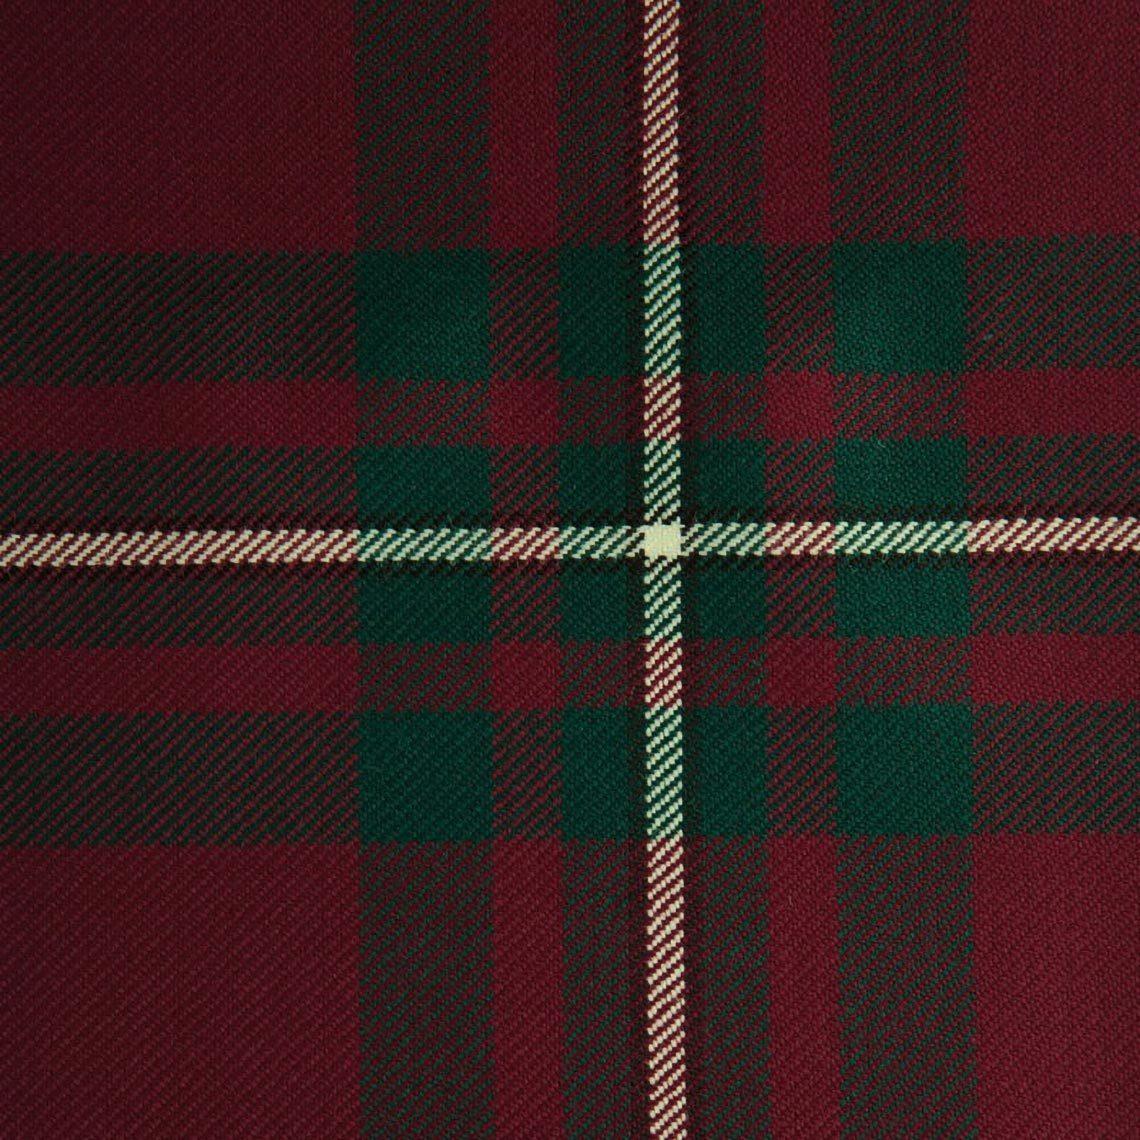 MacGregor Hunting (Modern) Kilt